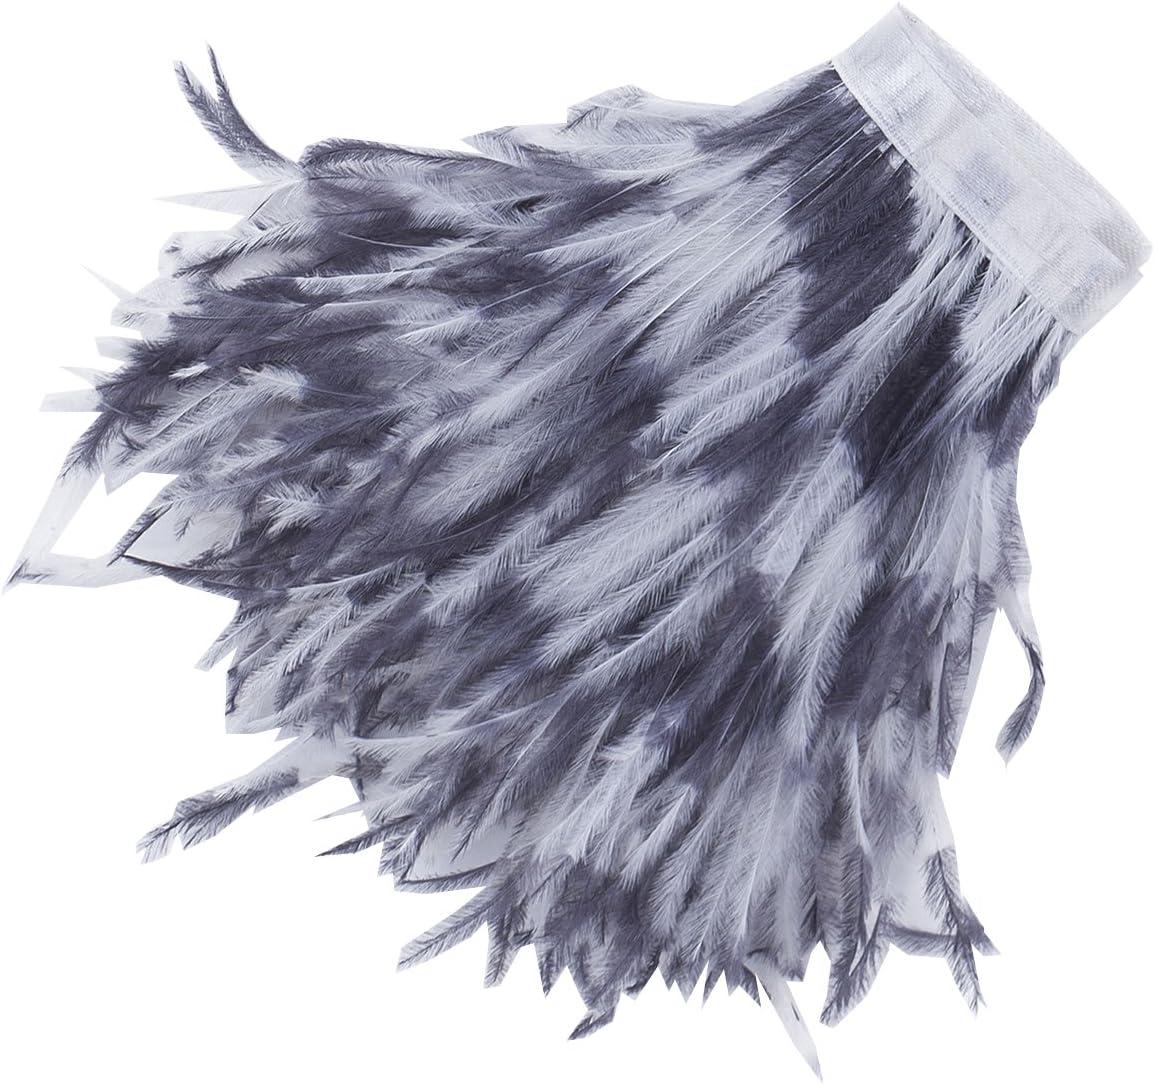 59Couleur Ruban Luxueux fourrure plumes d/'autruche Neotrims Frange rebord satin